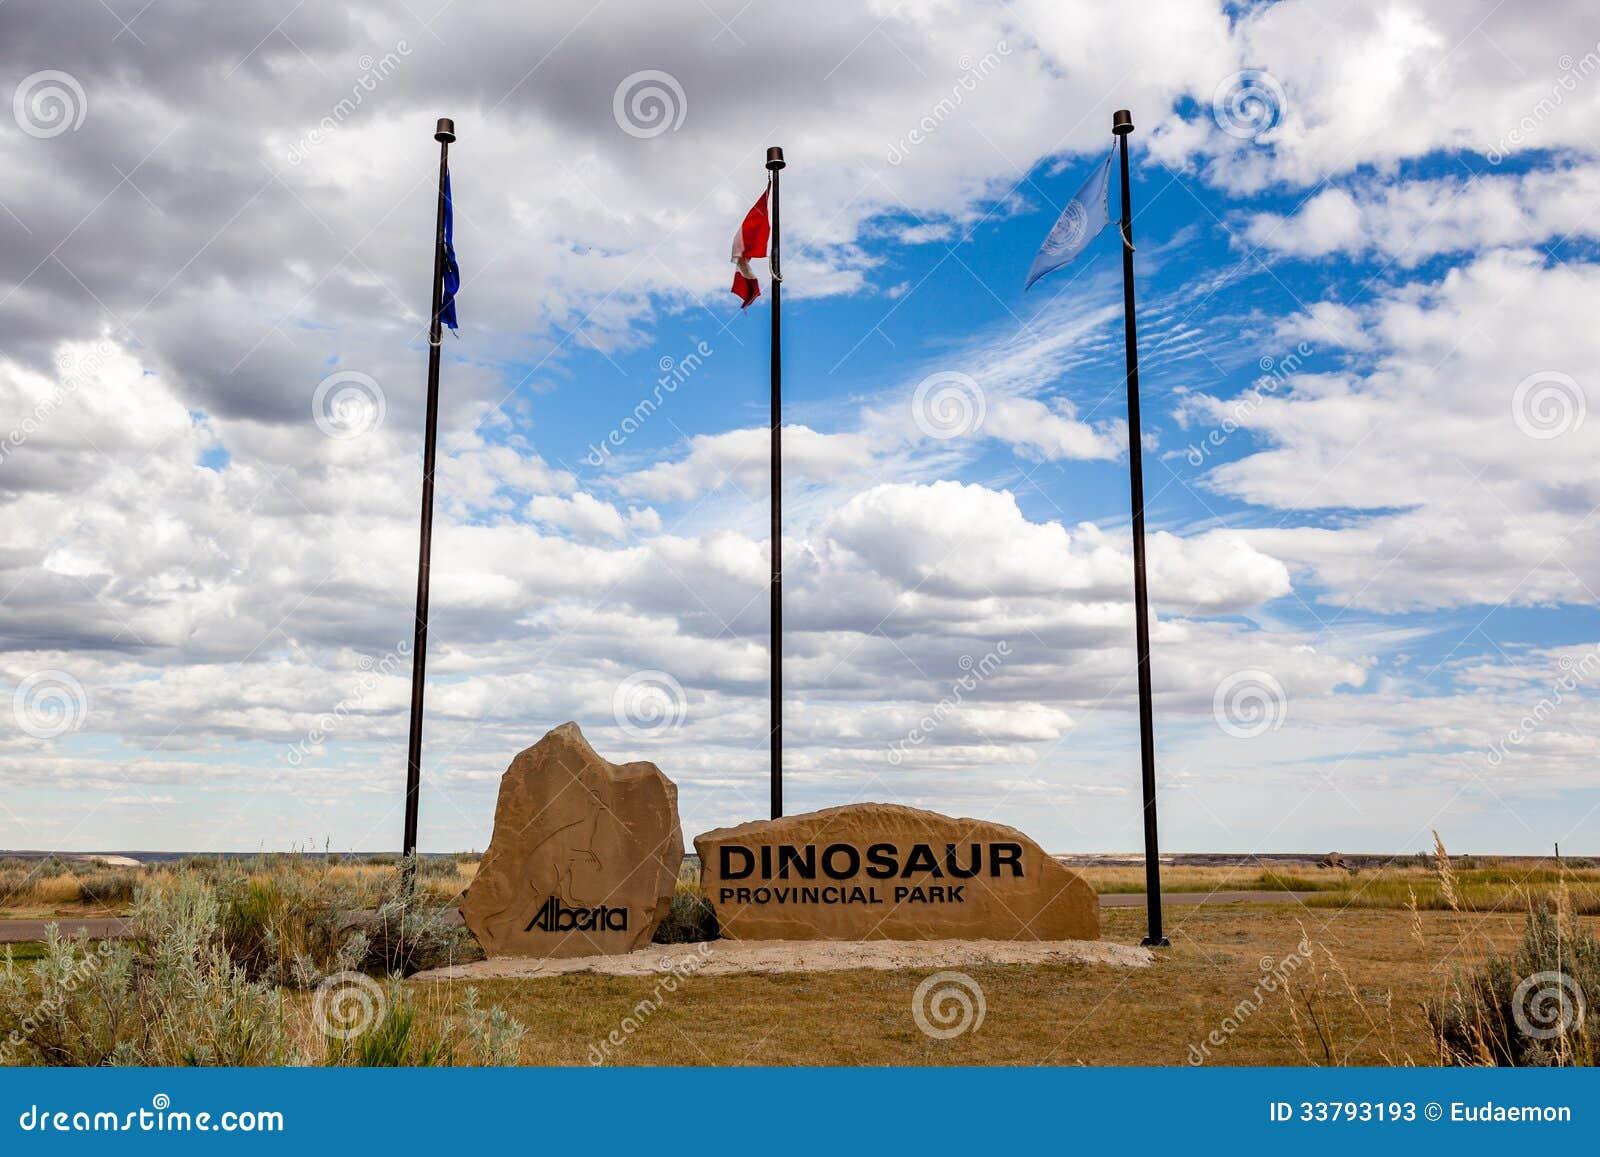 Parc provincial de dinosaure - Alberta, Canada